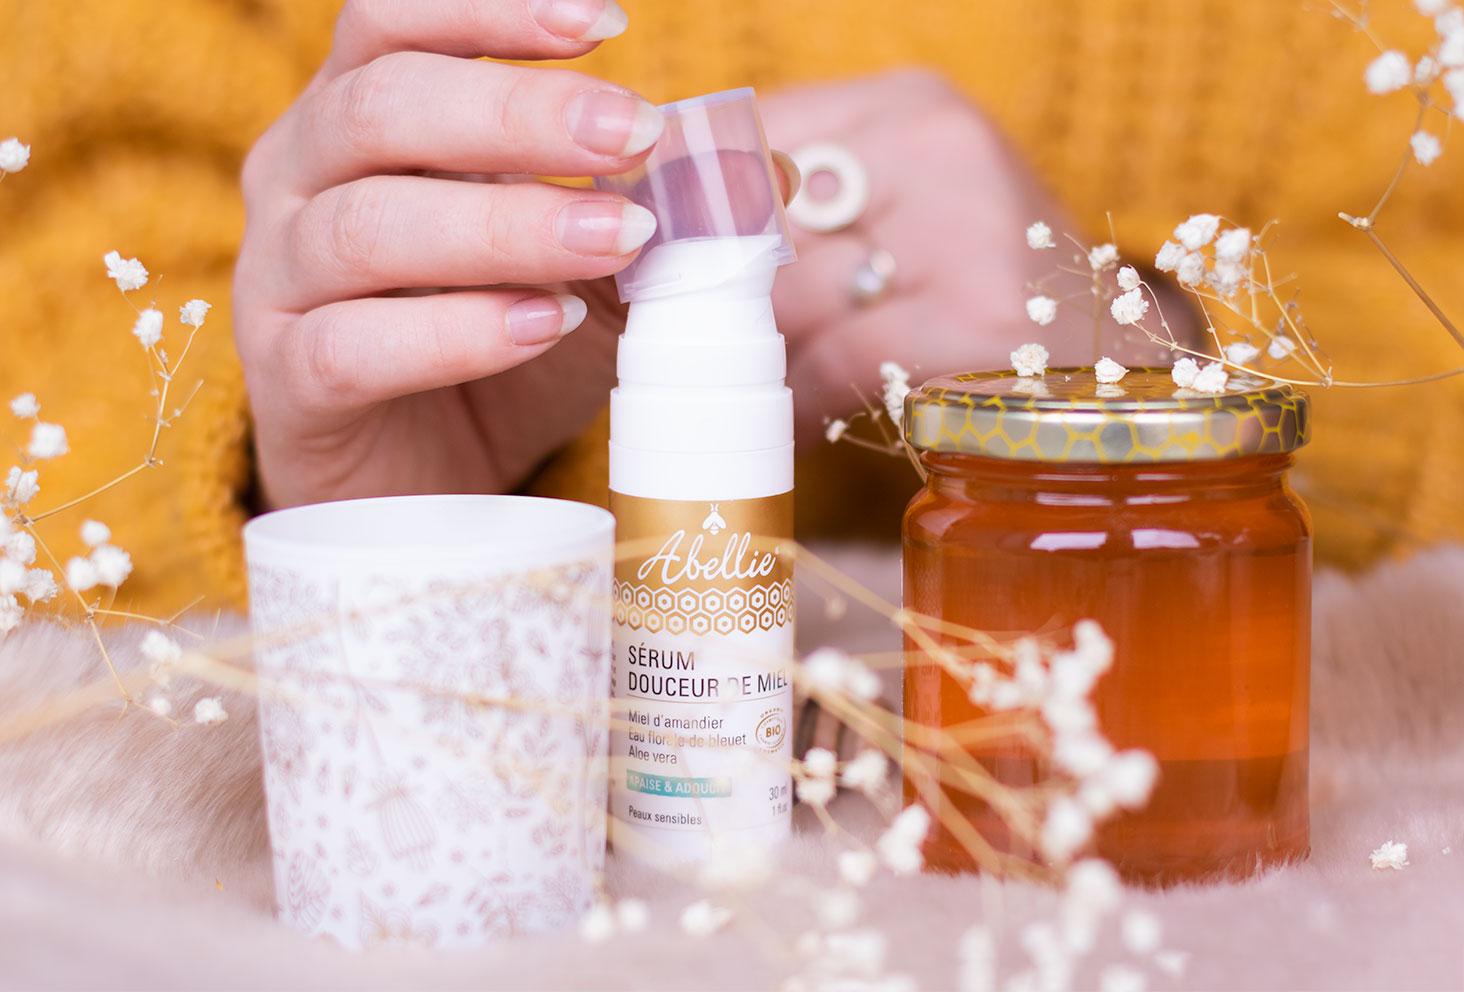 Zoom sur le sérum pour le visage Abellie, au milieu de fleurs sèches et de miel